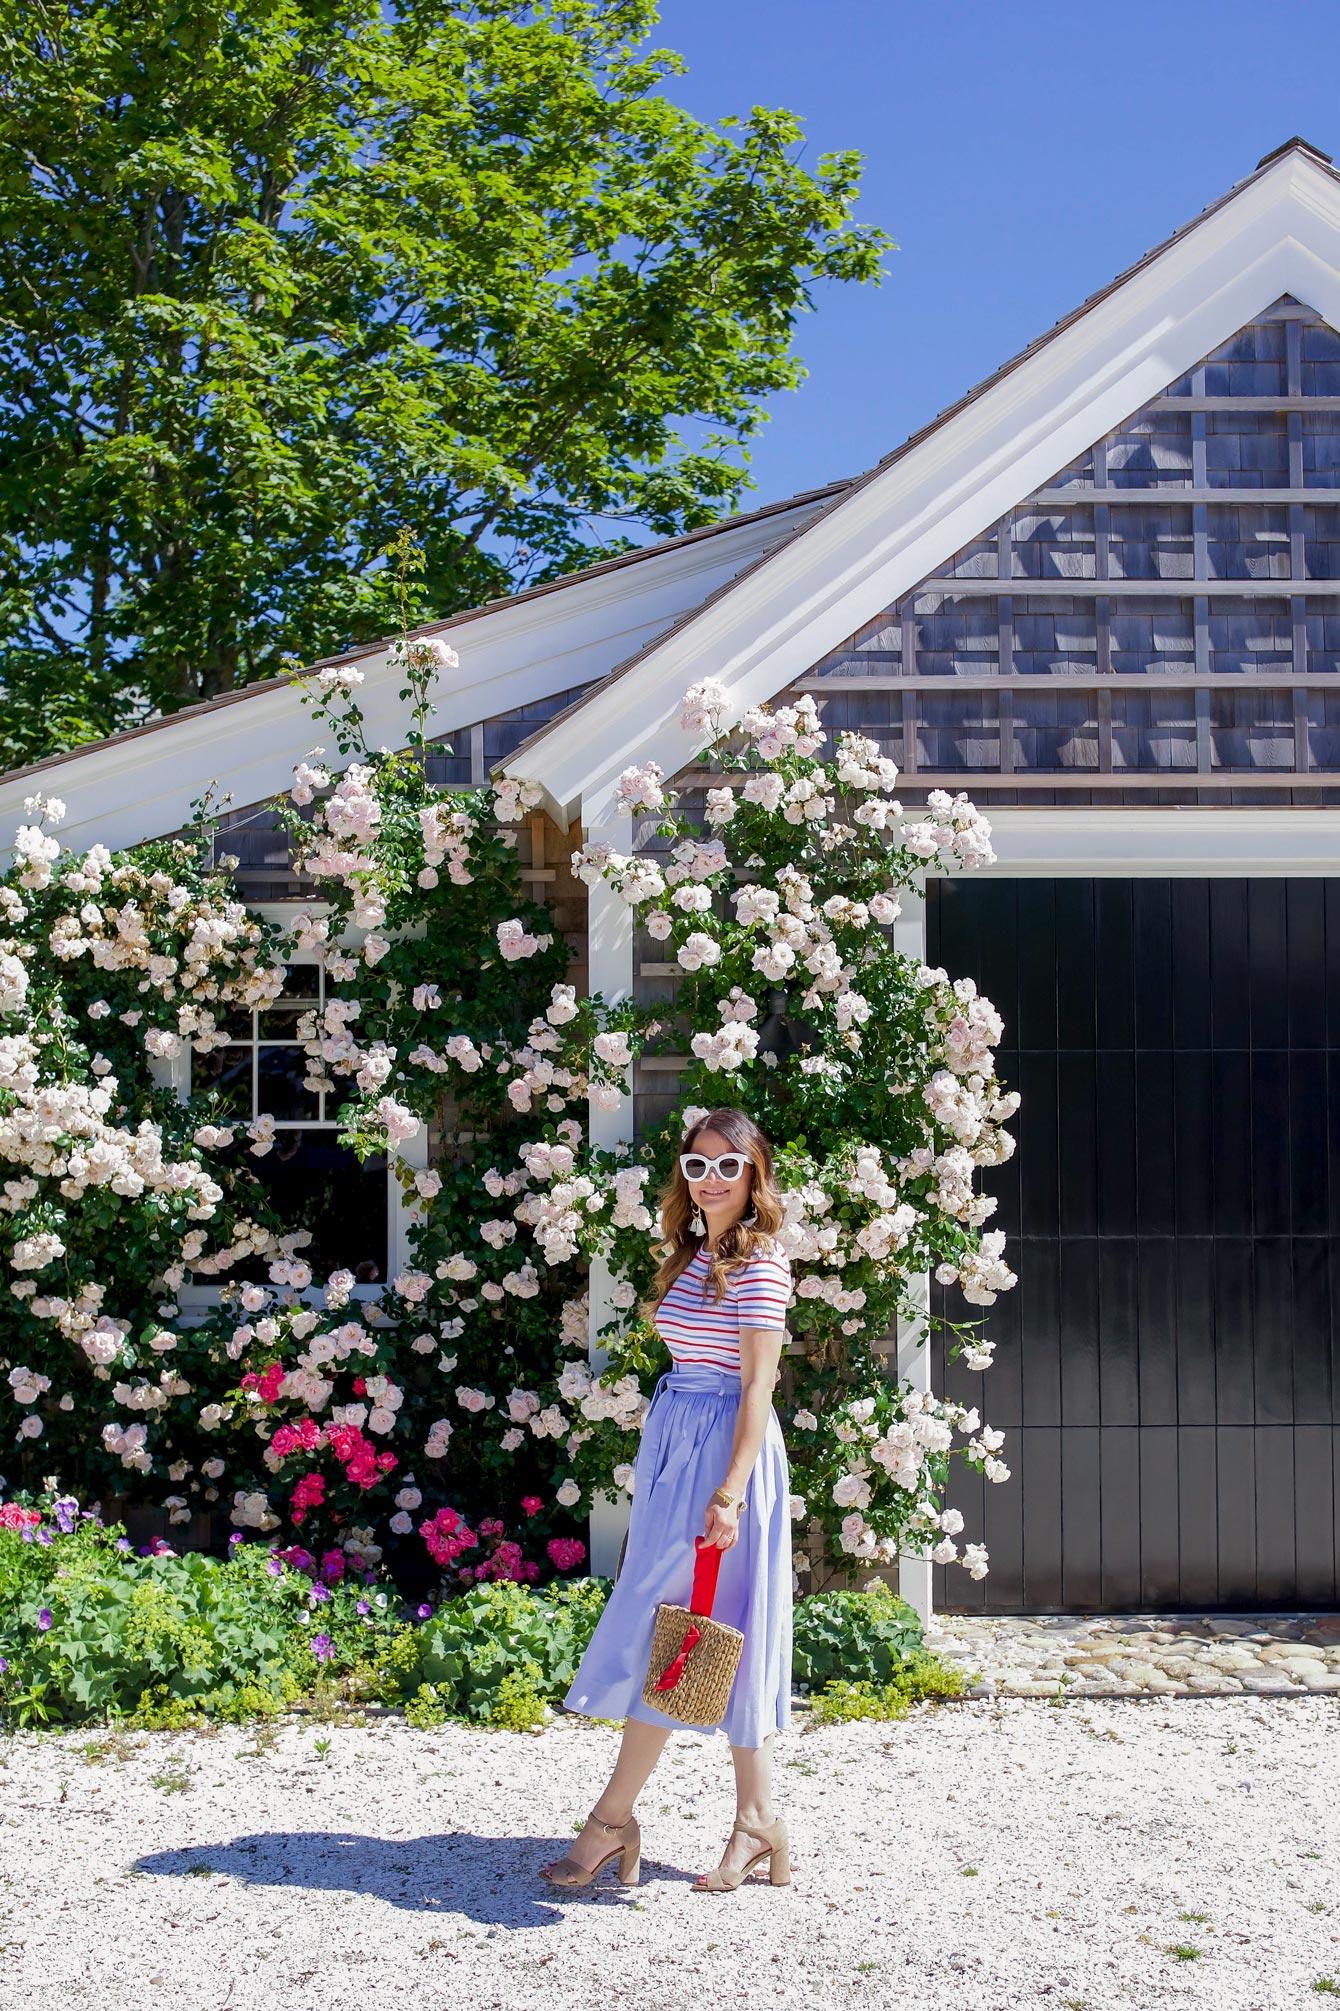 Rose Covered Garage Nantucket